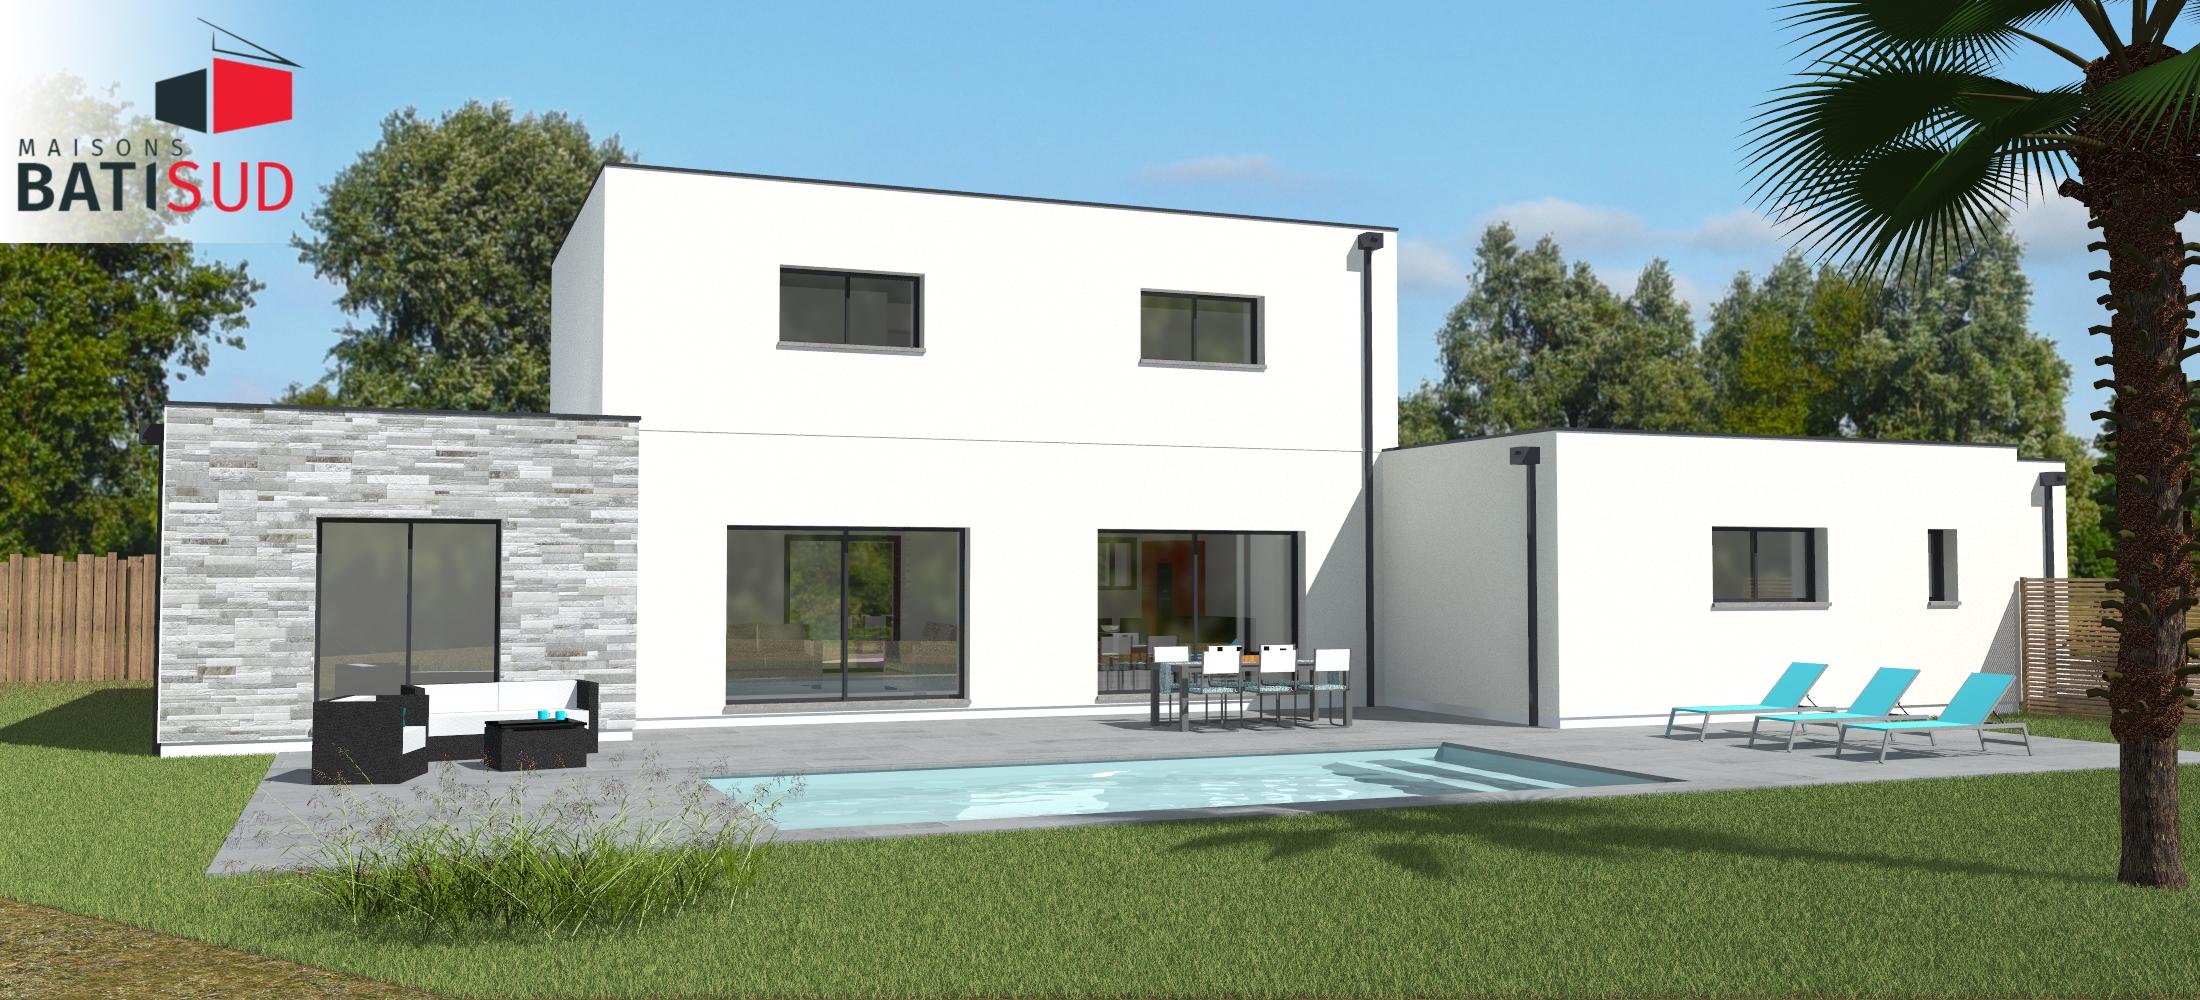 Maisons Bati Sud : Magnifique maison moderne avec toit terrasse.1